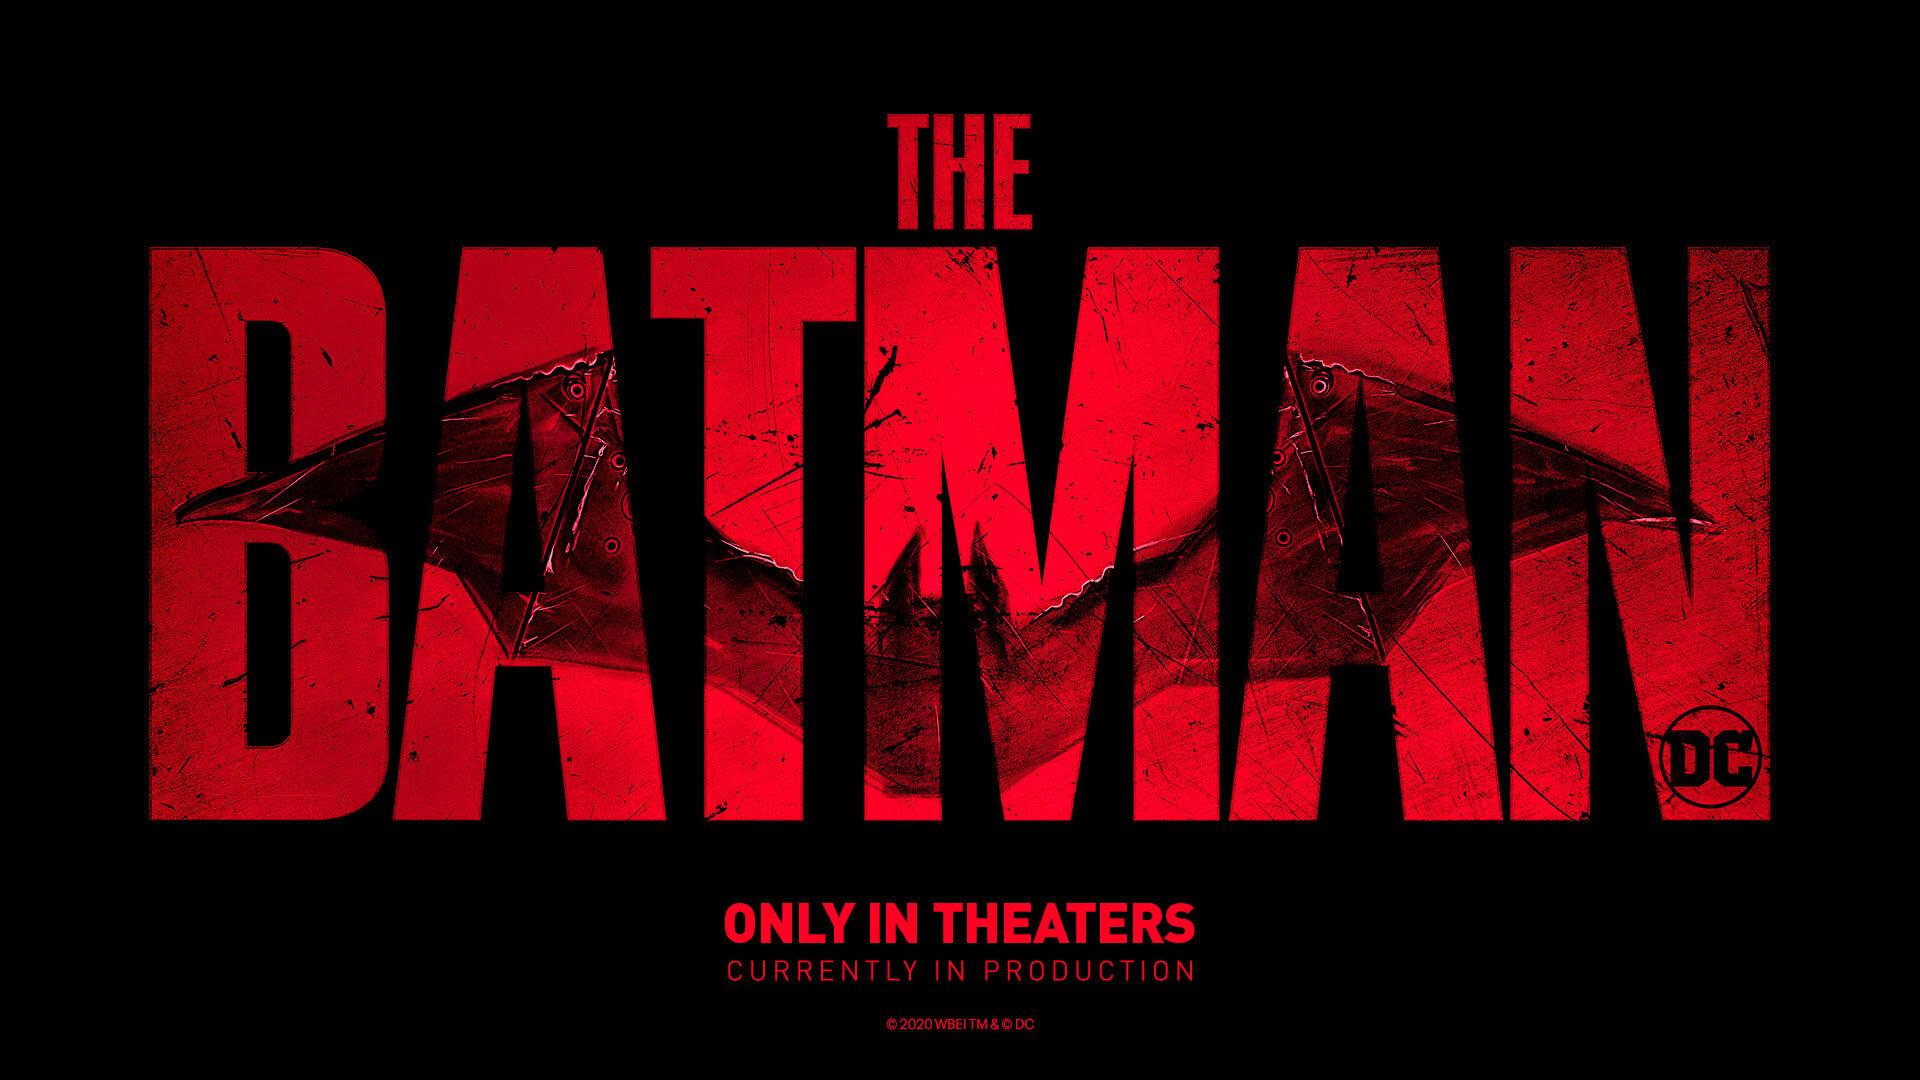 ついに解禁!ロバート・パティンソン主演『ザ・バットマン』2021年劇場公開決定&特別映像がDCファンドームで公開 film200824_thebatman_2